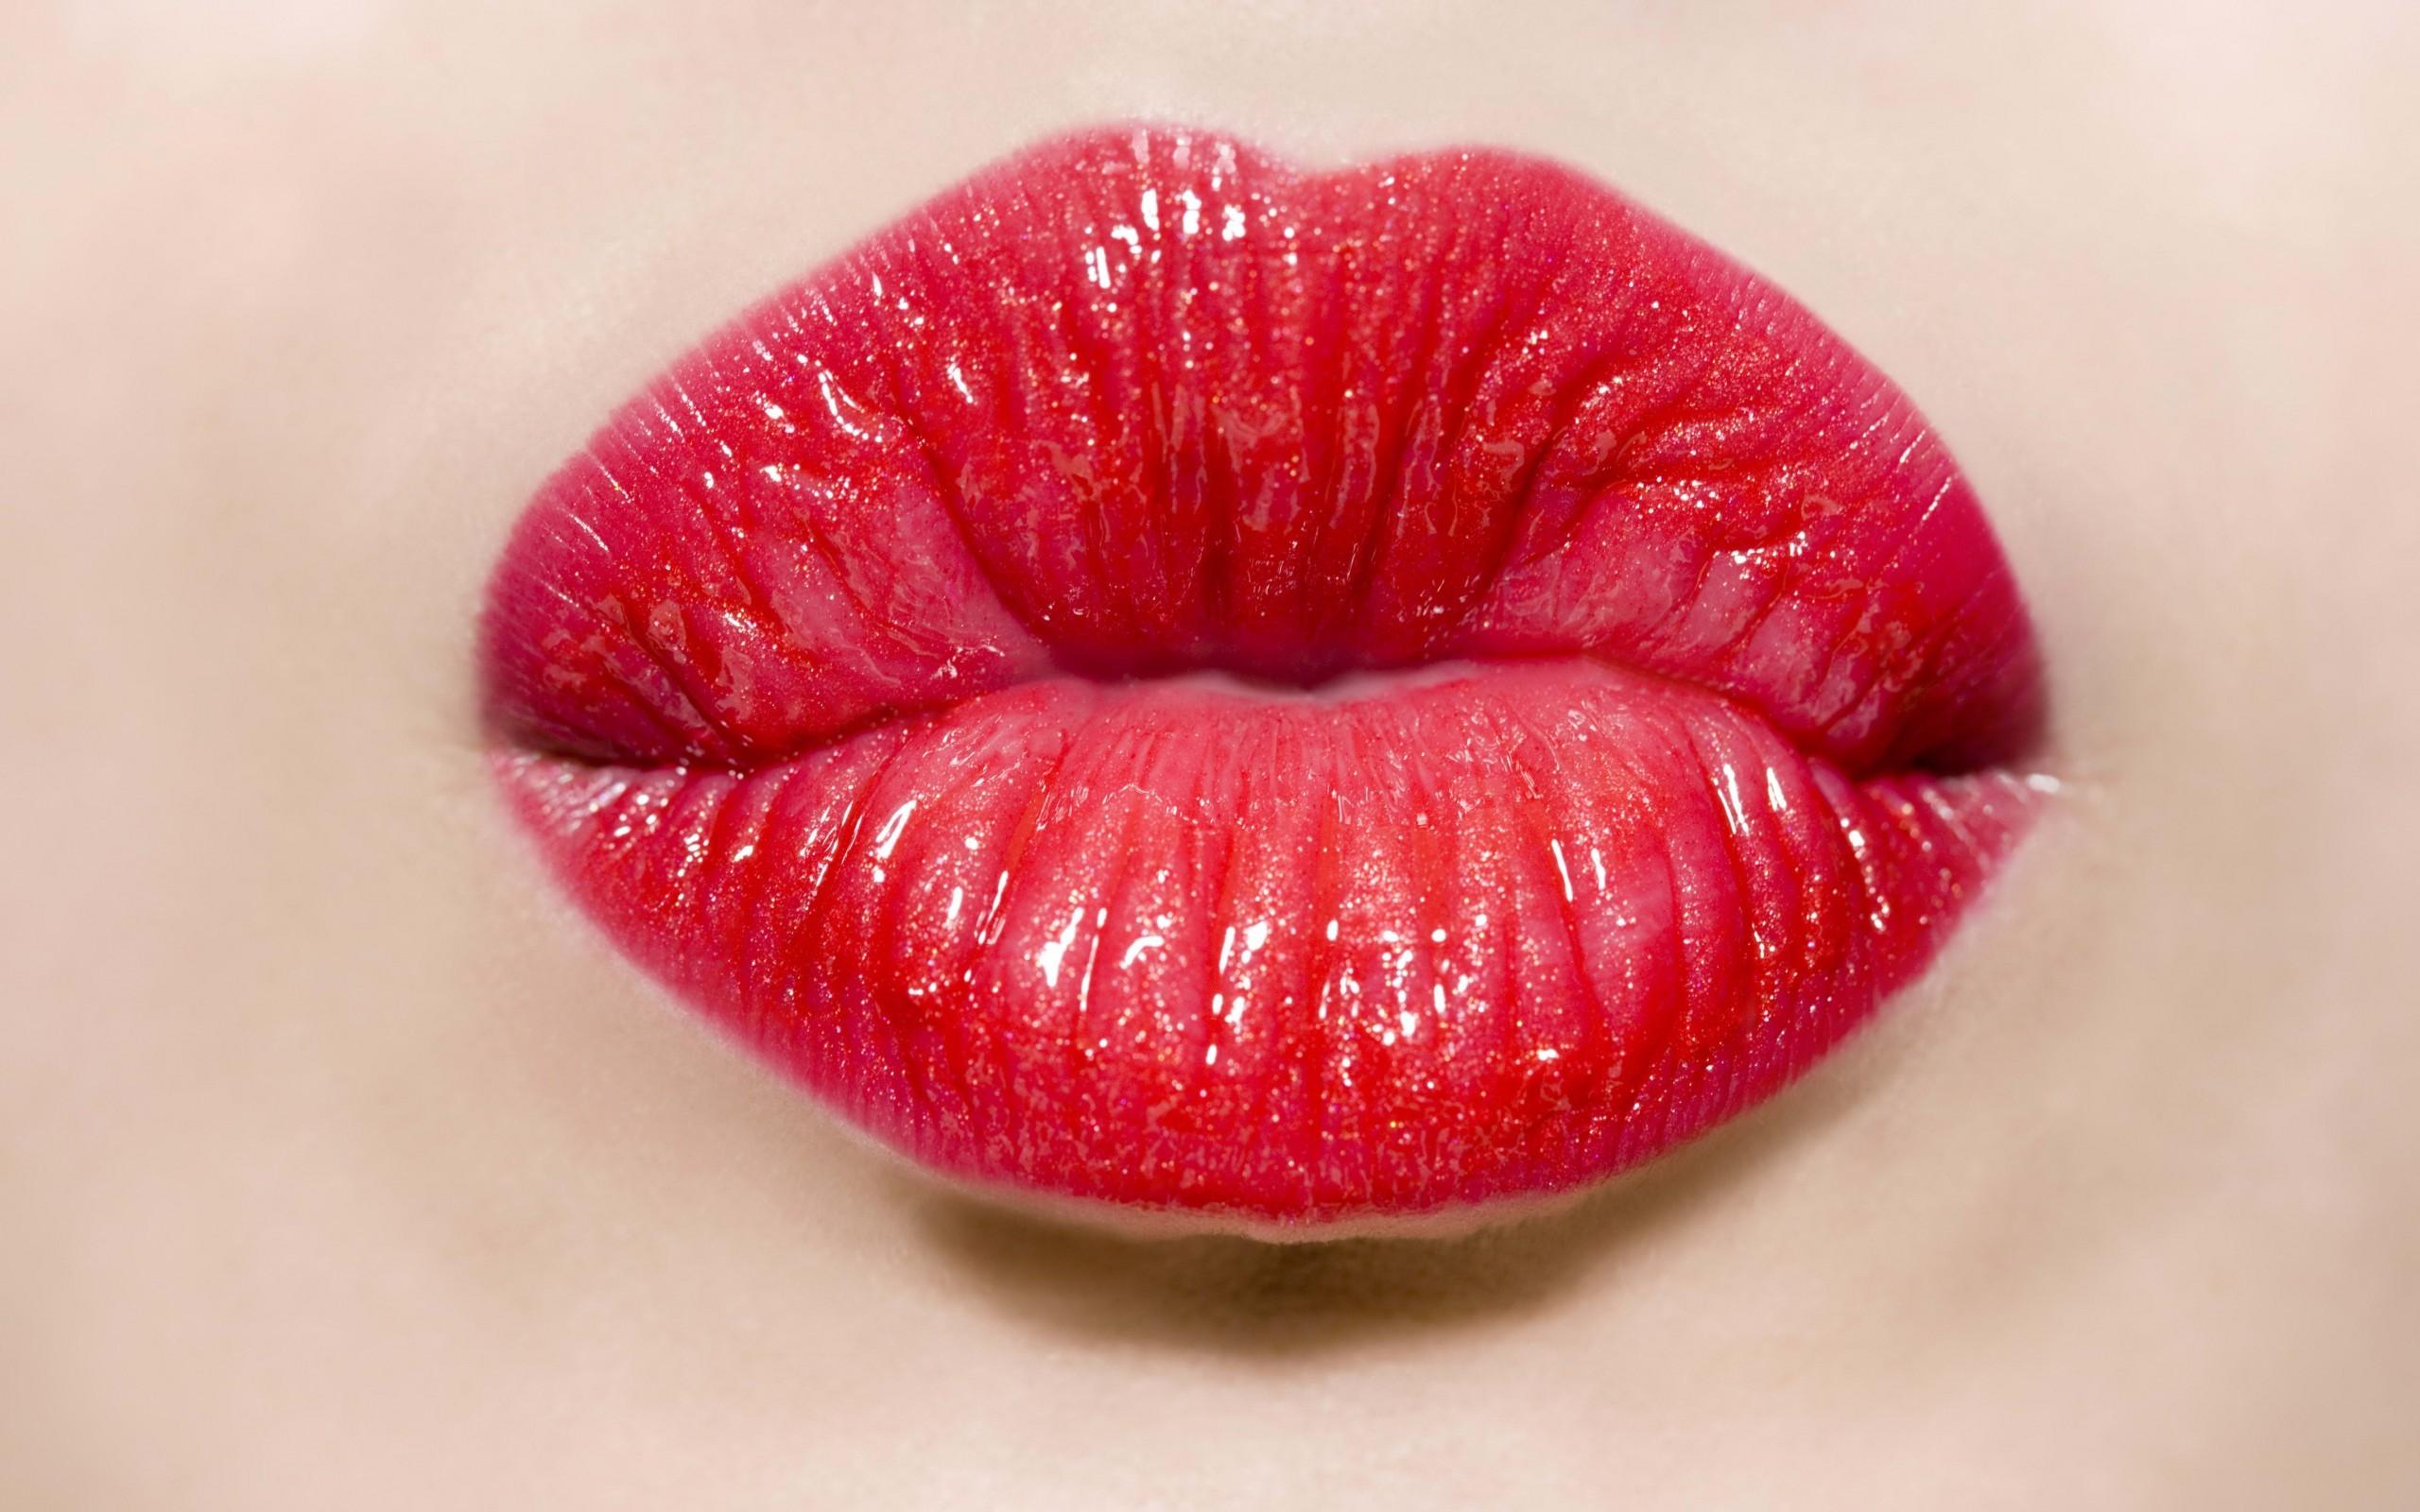 Un beso con labios rojos - 2560x1600